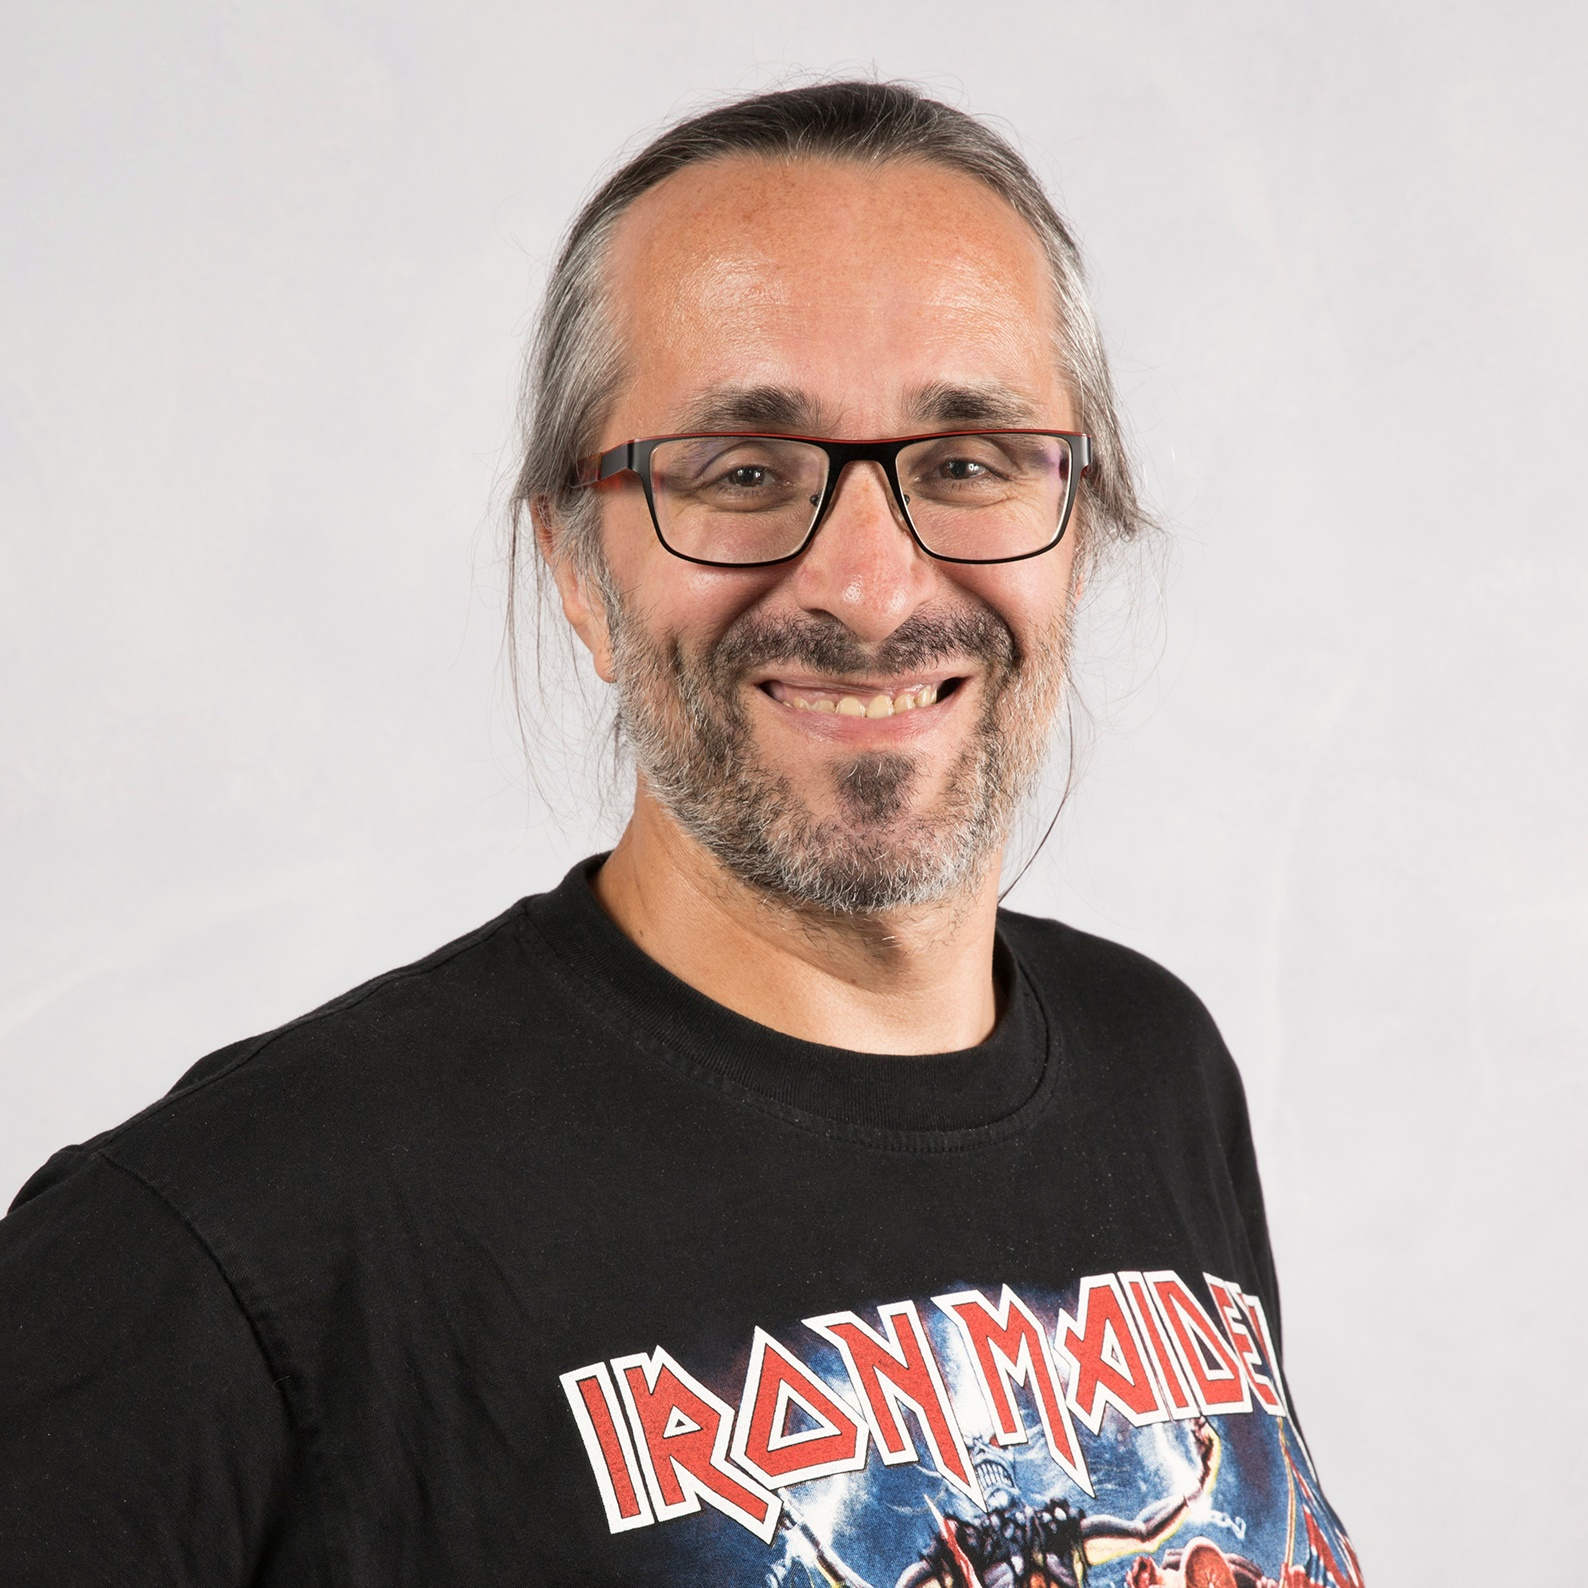 Portrait de Clapat - auteur présent au Salon du Livre de Royat-Chamalières 2019